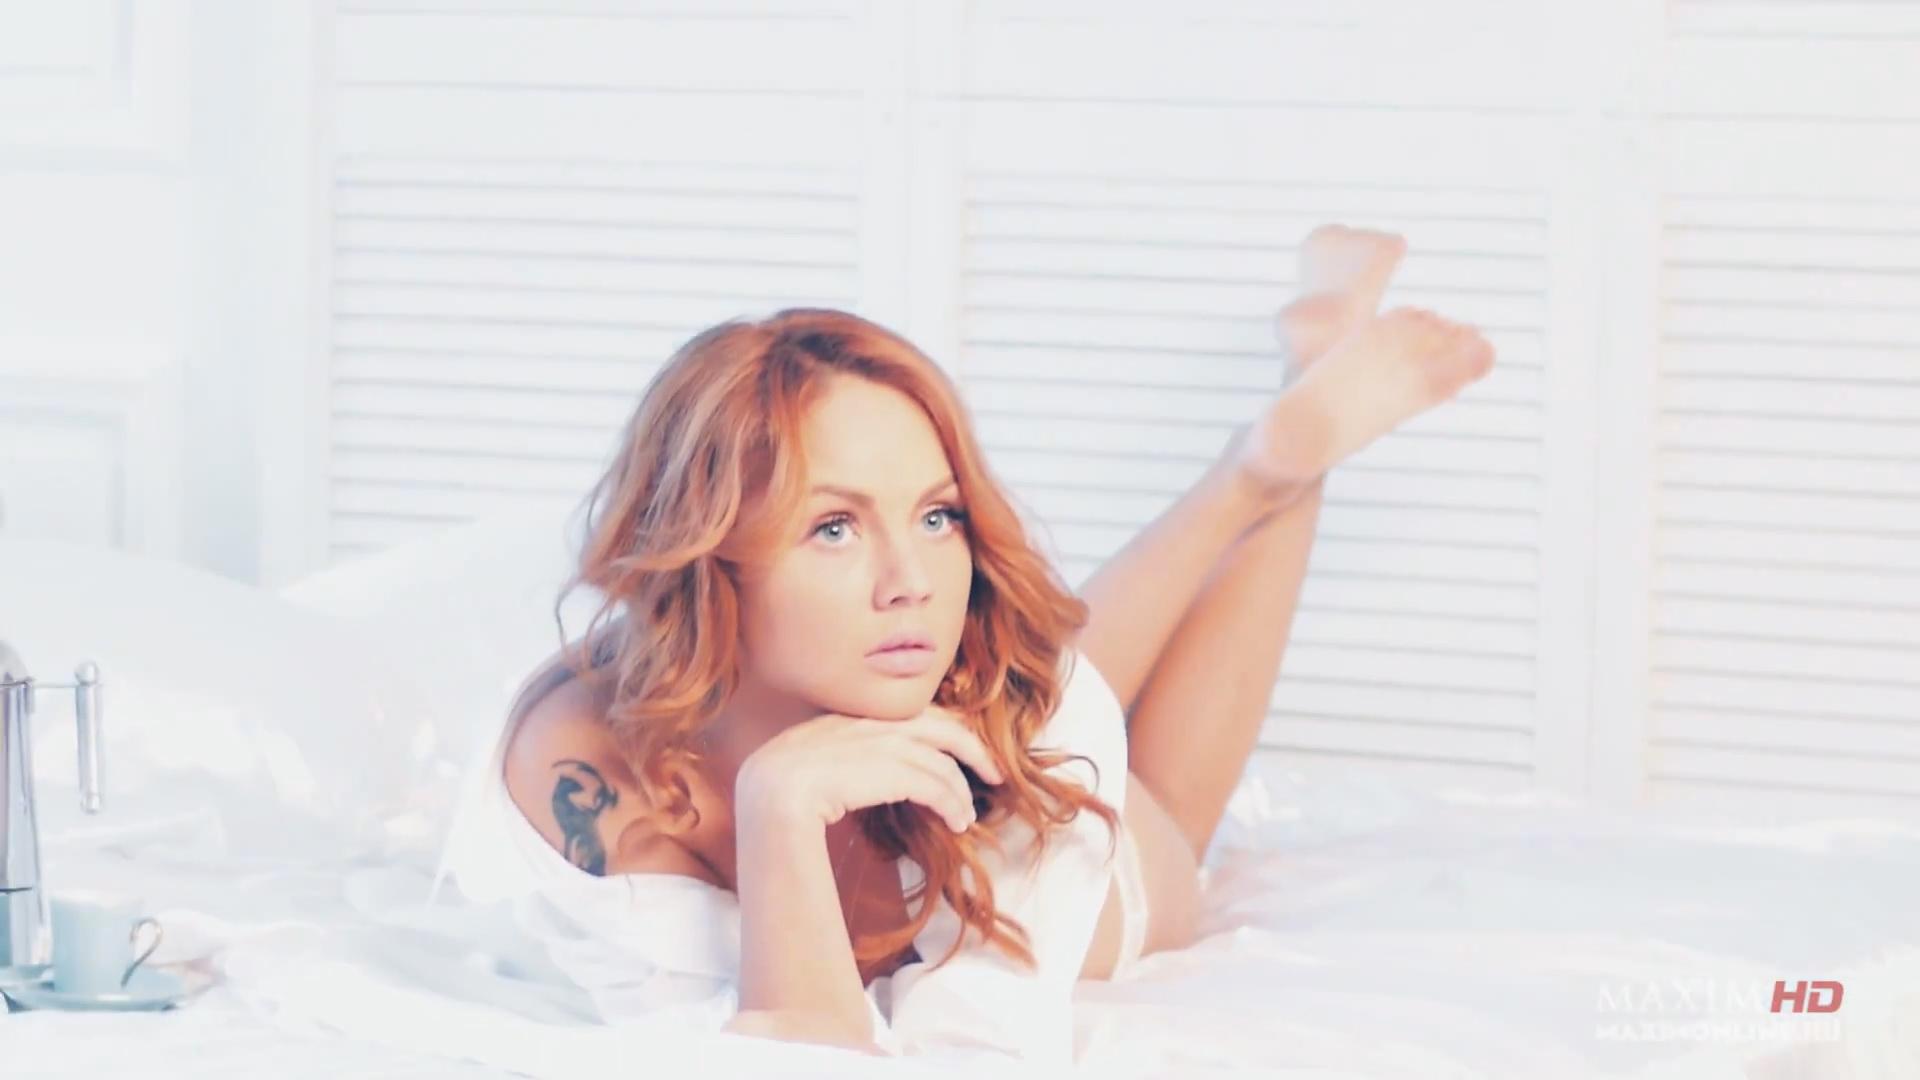 Смотреть фото максим, Фото голых знаменитостей из журнала Максим без цензуры 8 фотография